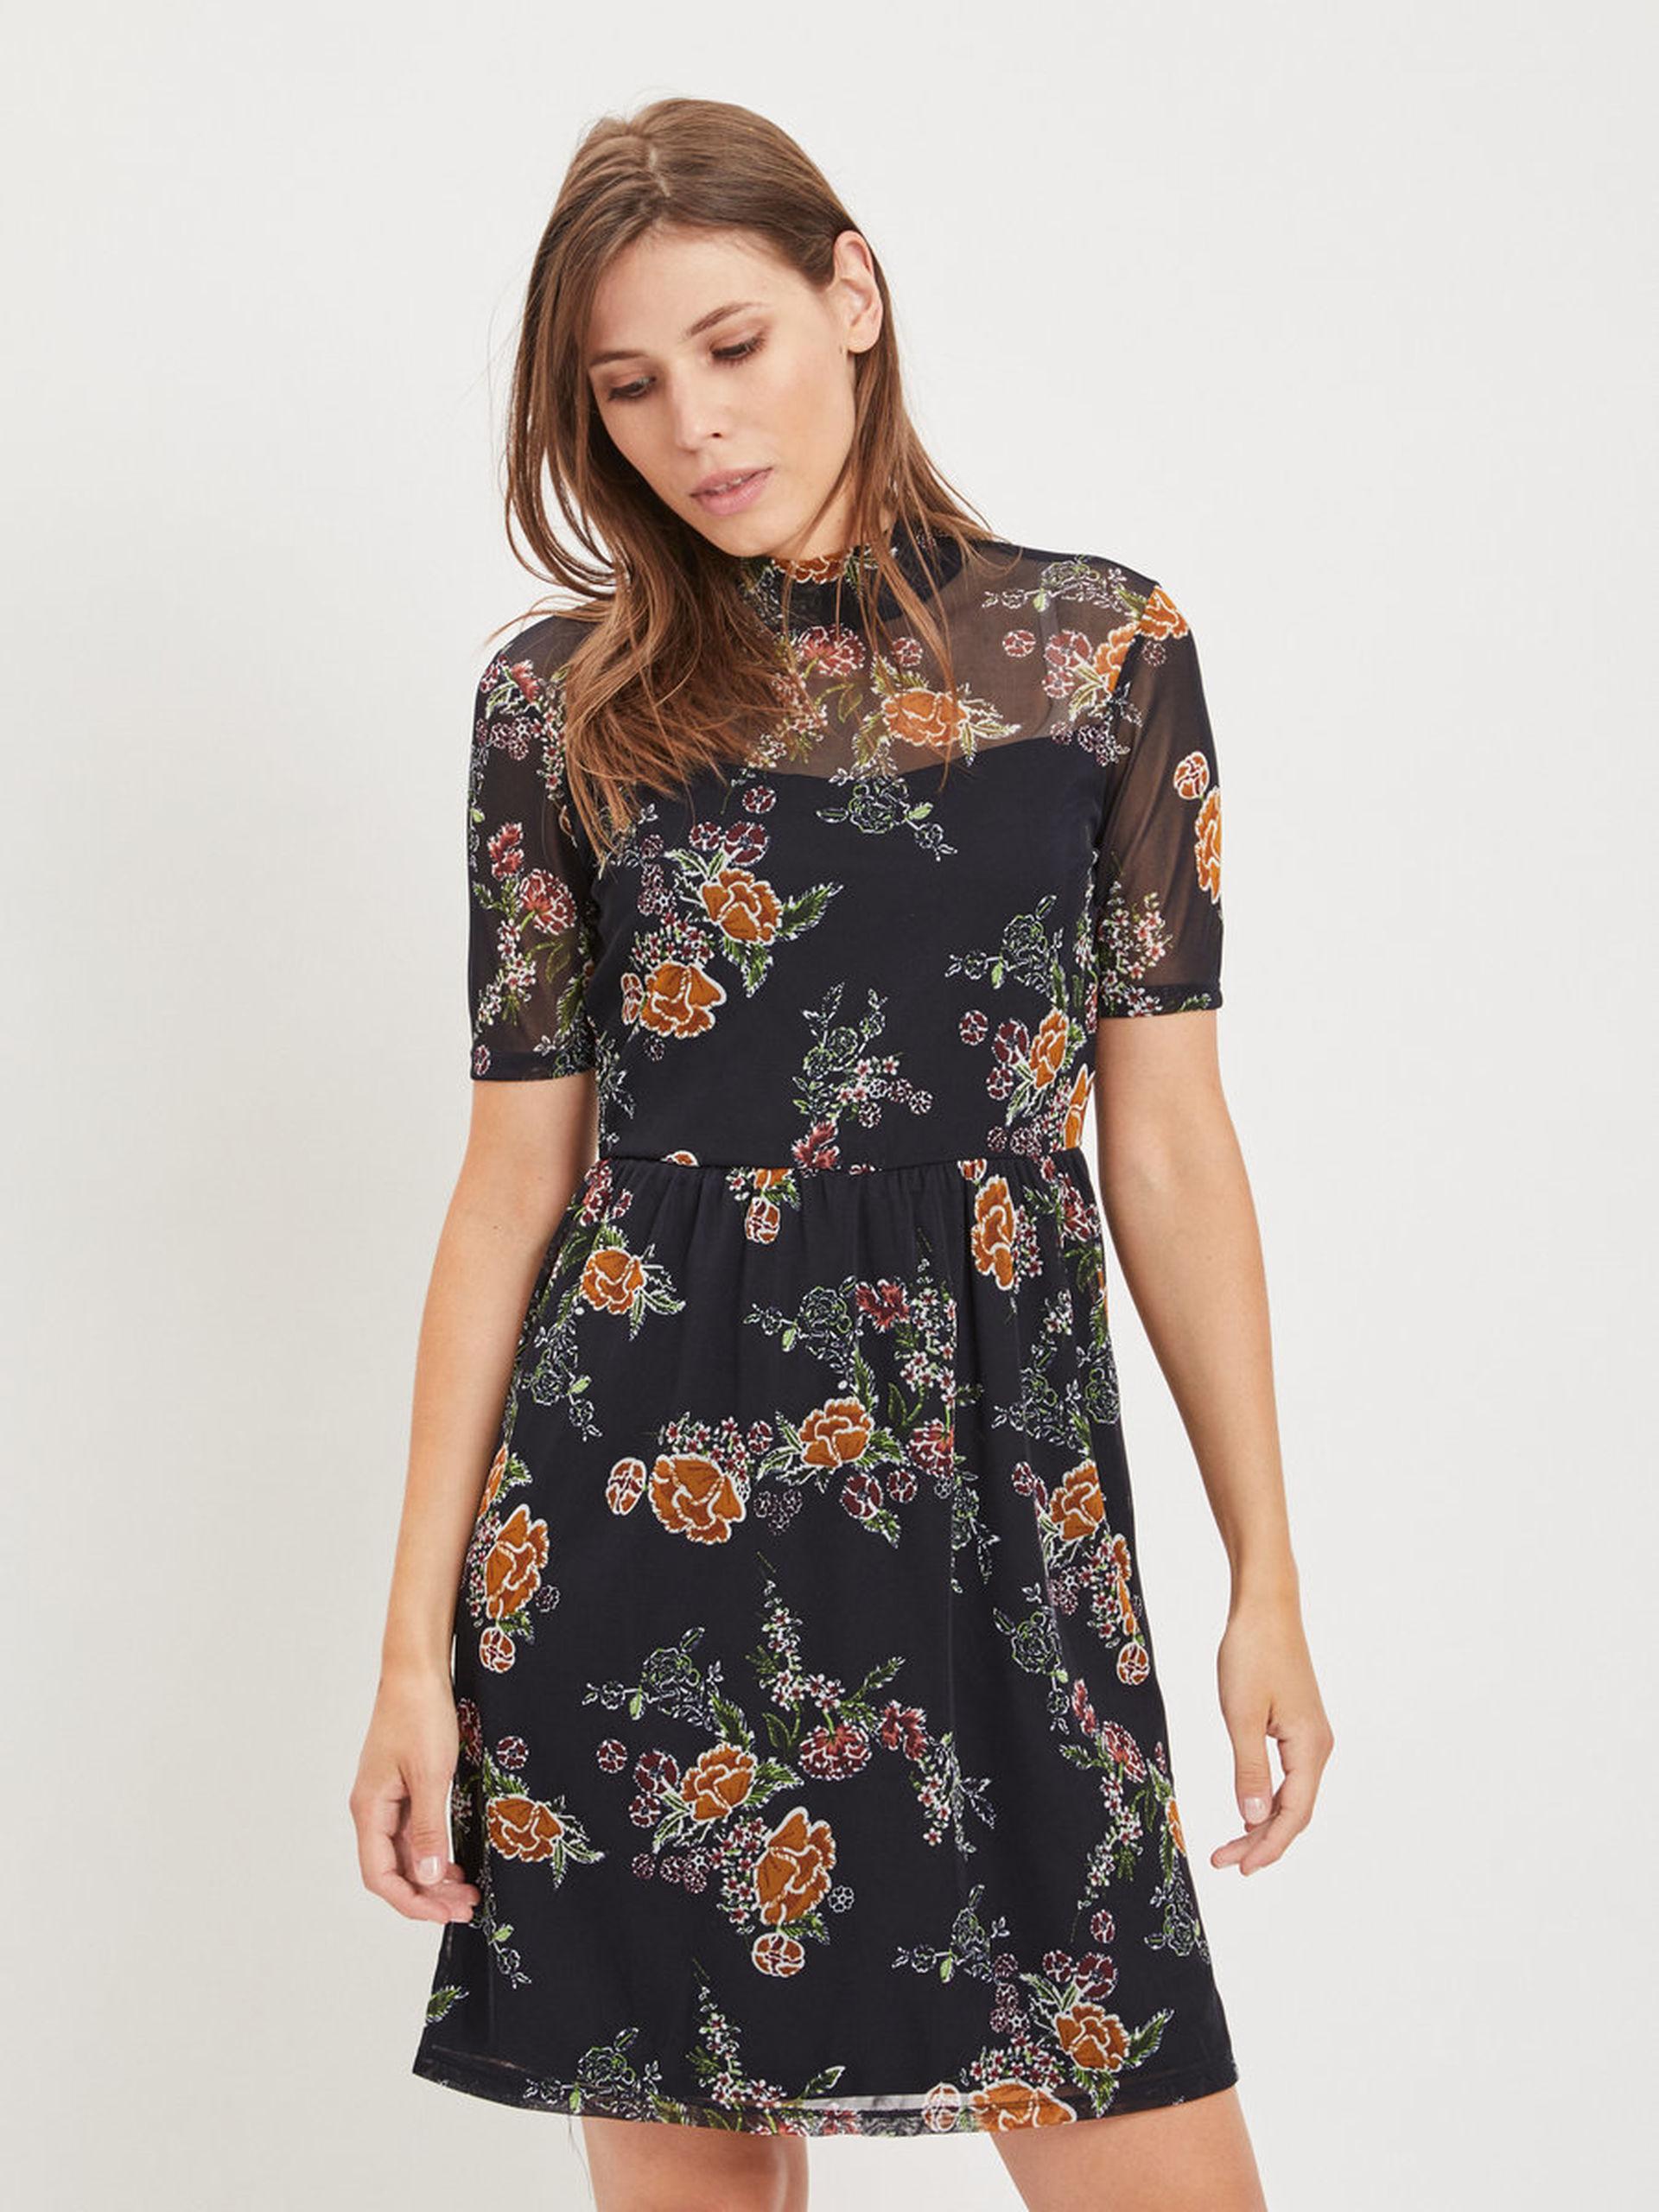 Nur noch heute 20% extra Rabatt auf Sale bei Vila, z.B. transparentes Blumenkleid